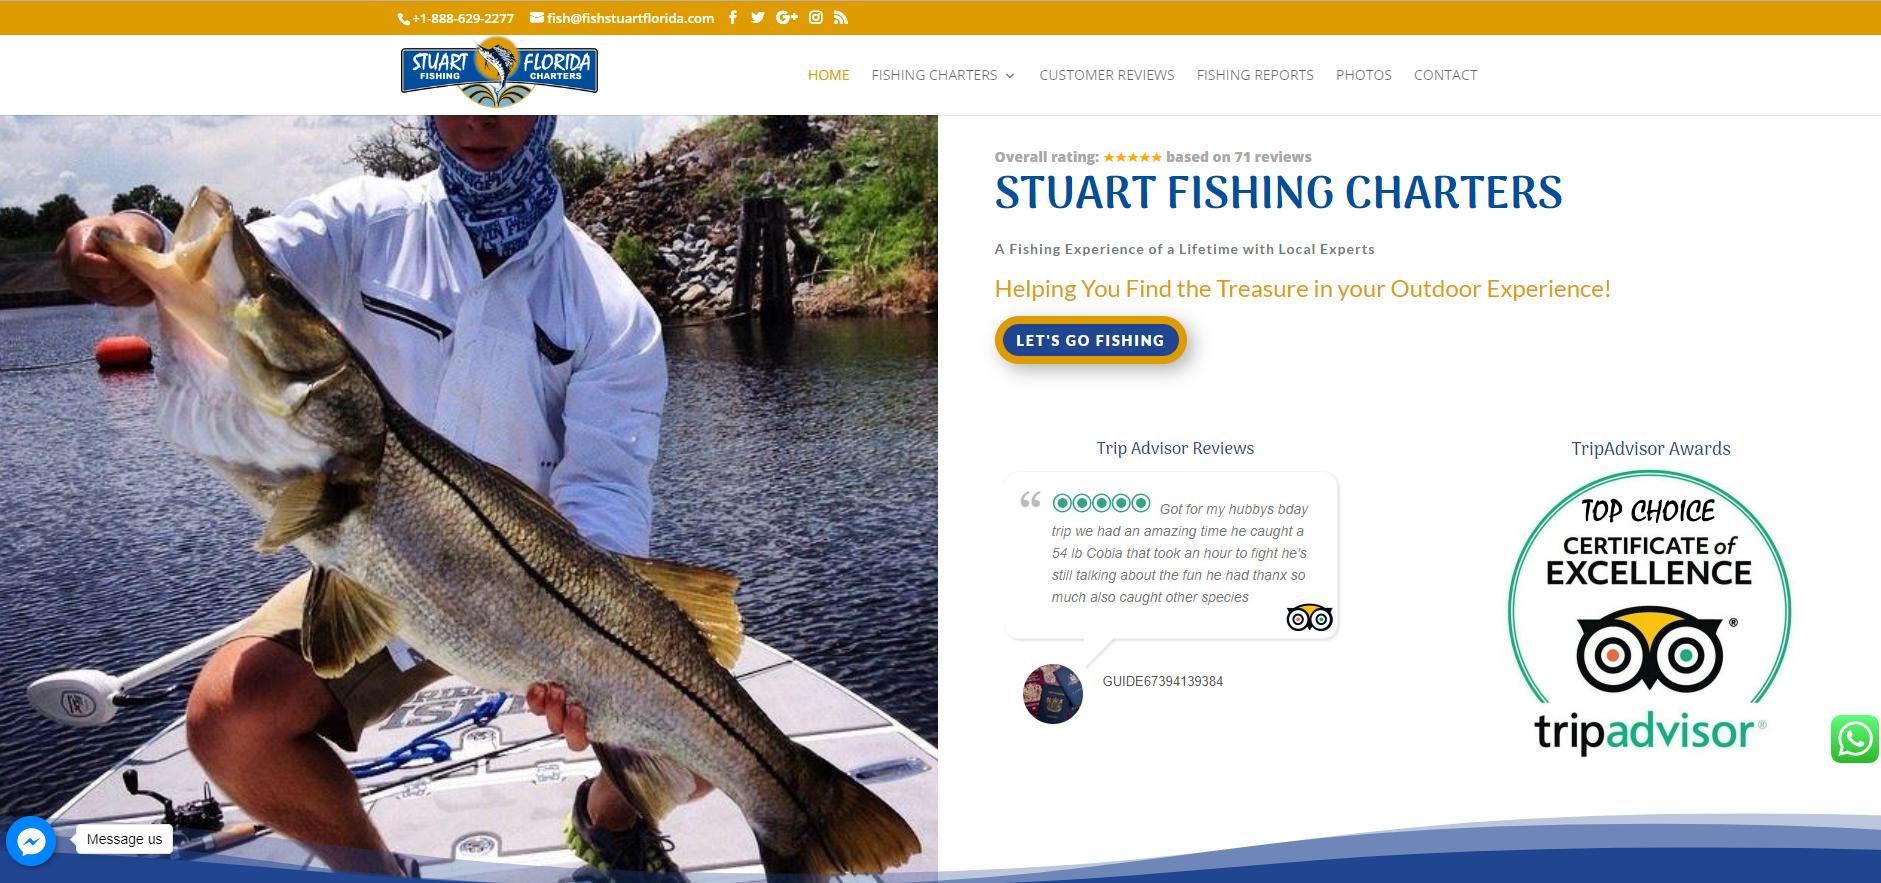 Fish Stuart Florida